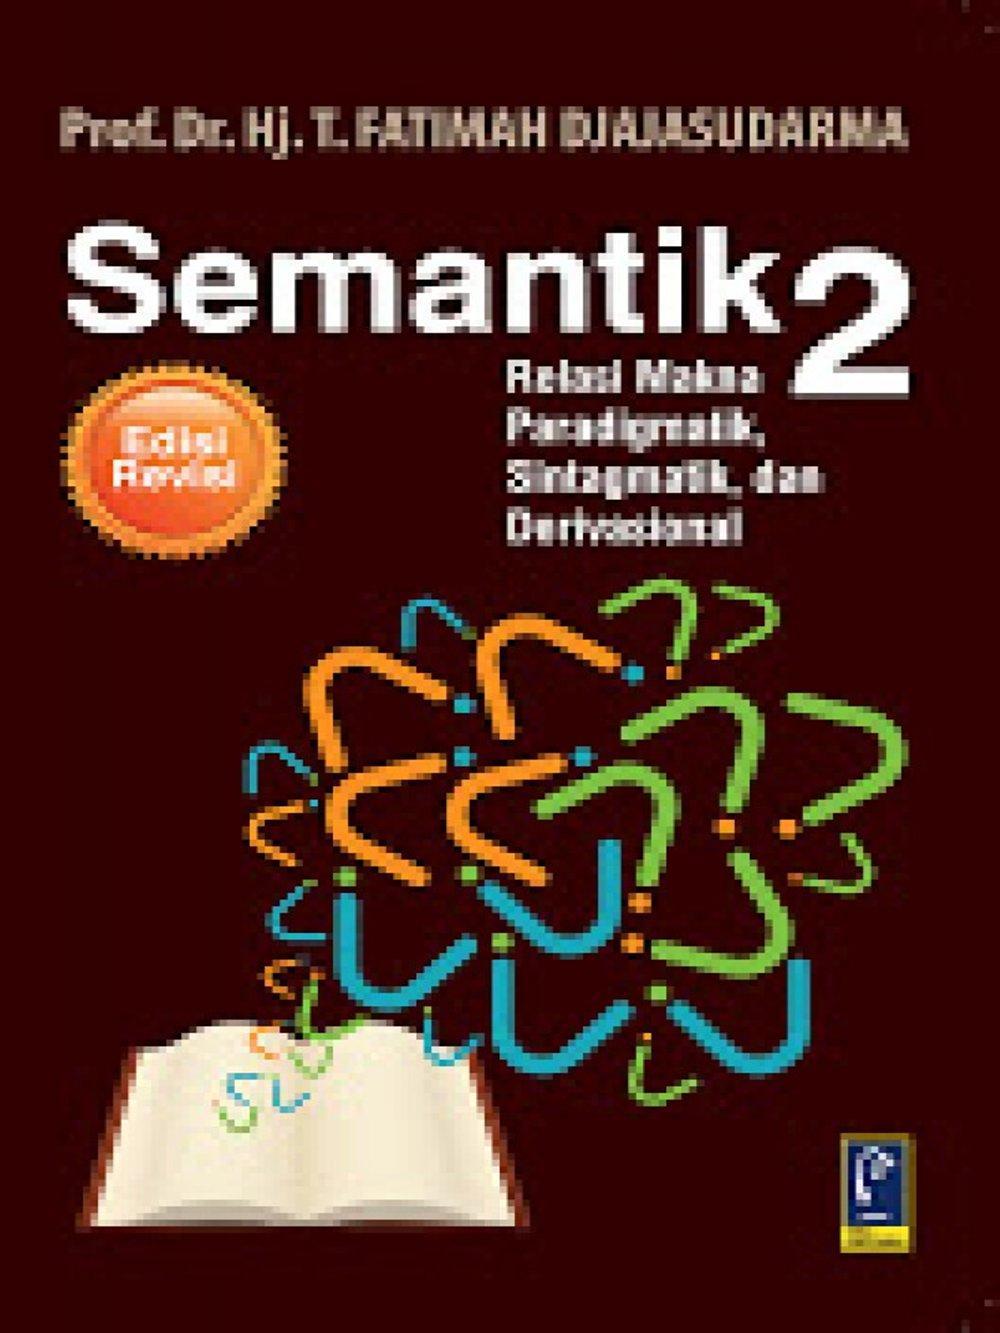 Buku Semantik 2: Relasi Makna Paradigmatik, Sintagmatik, dan Derivasional - T. Fatimah Djajasudarma